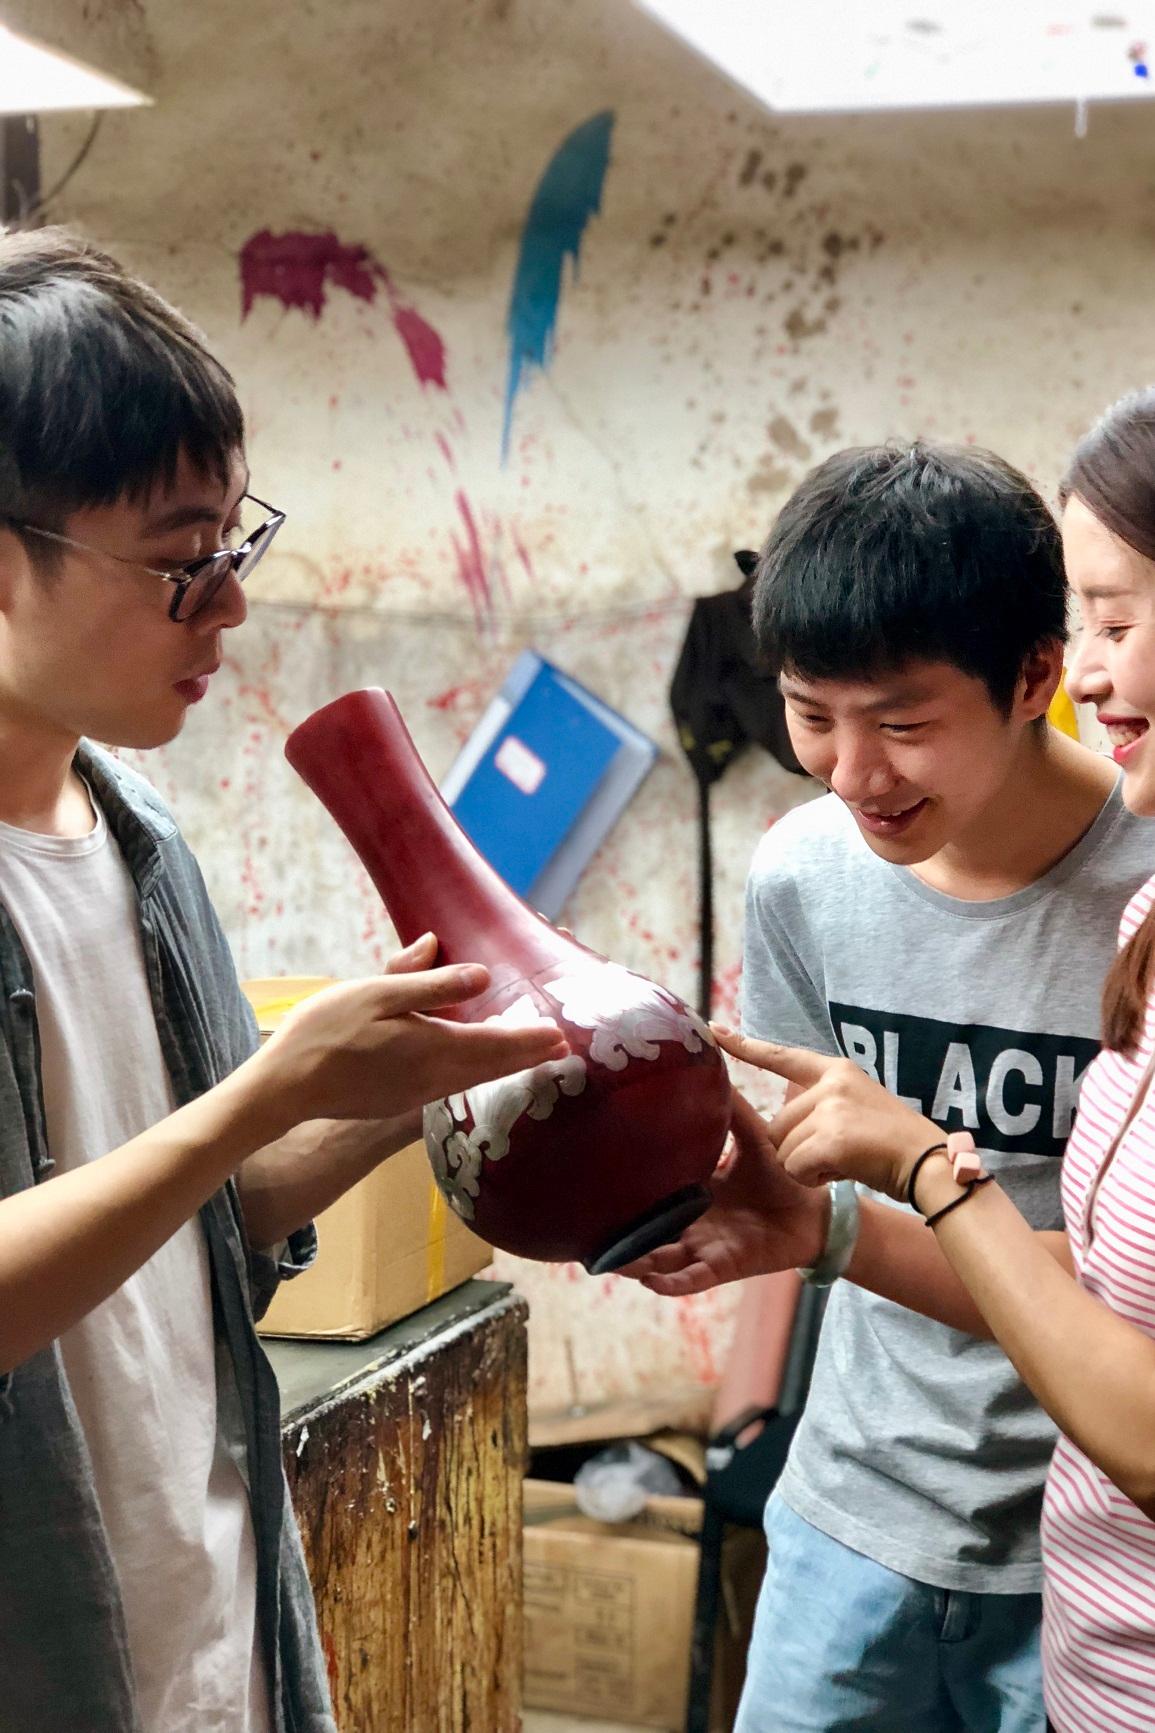 体验达人为体验者介绍漆器成品